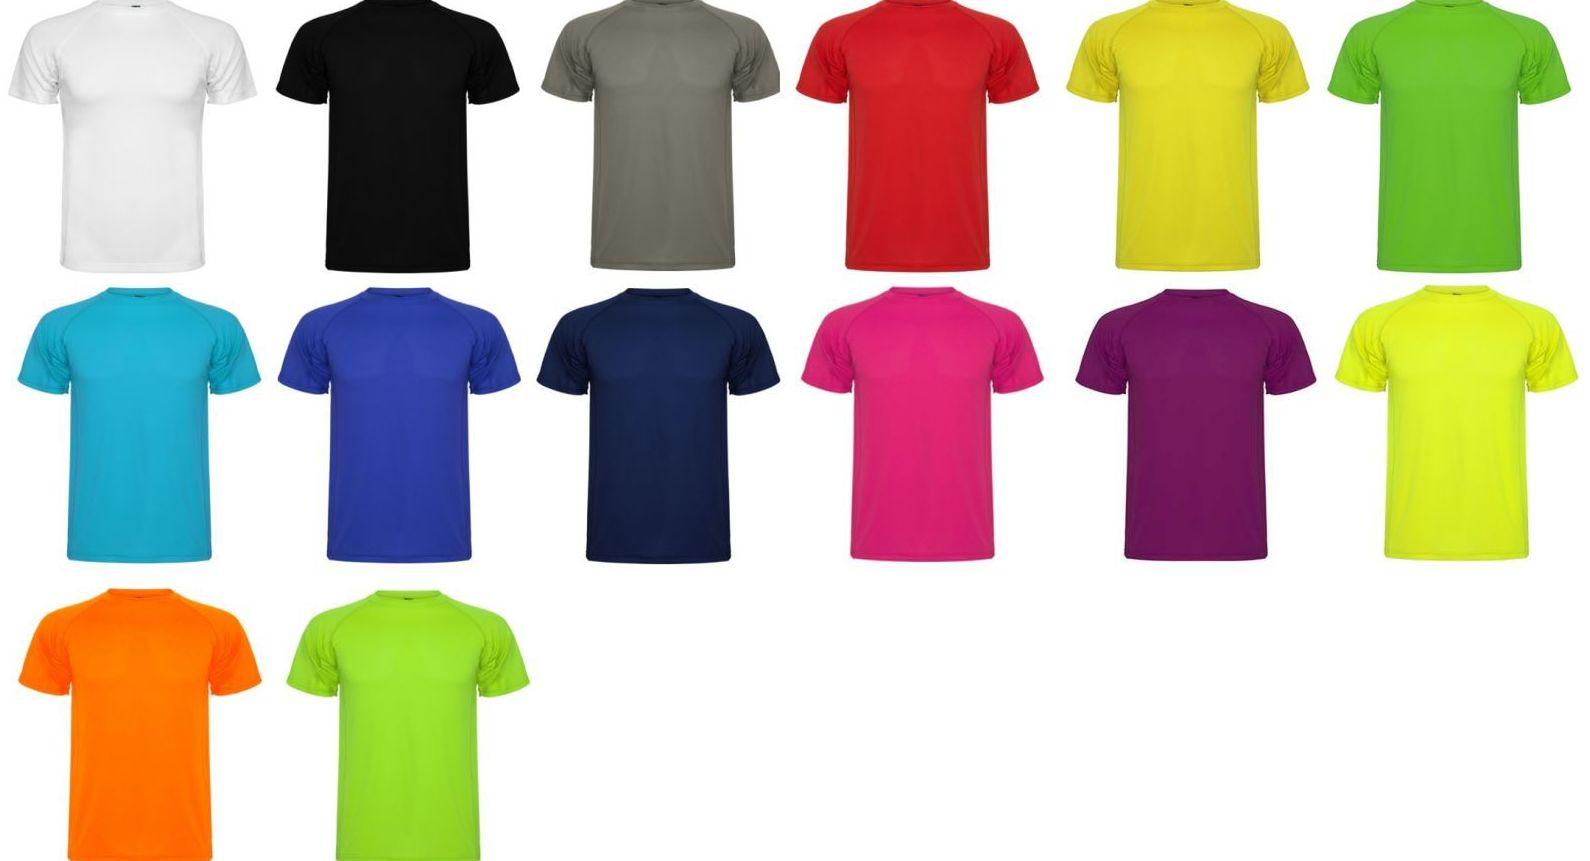 Camisetas Roly en diferentes colores